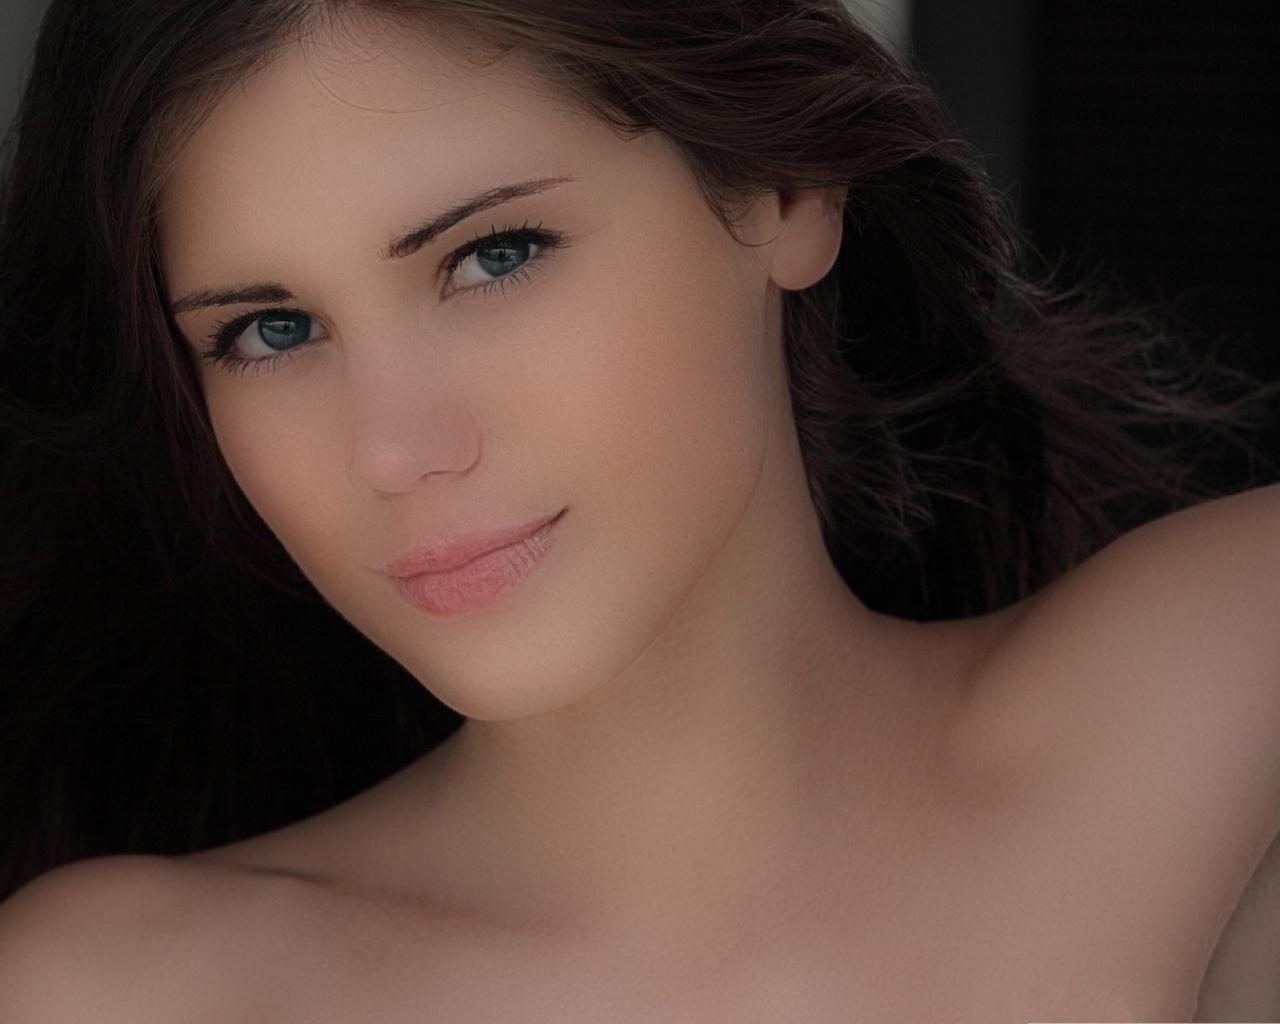 Nice beautiful women